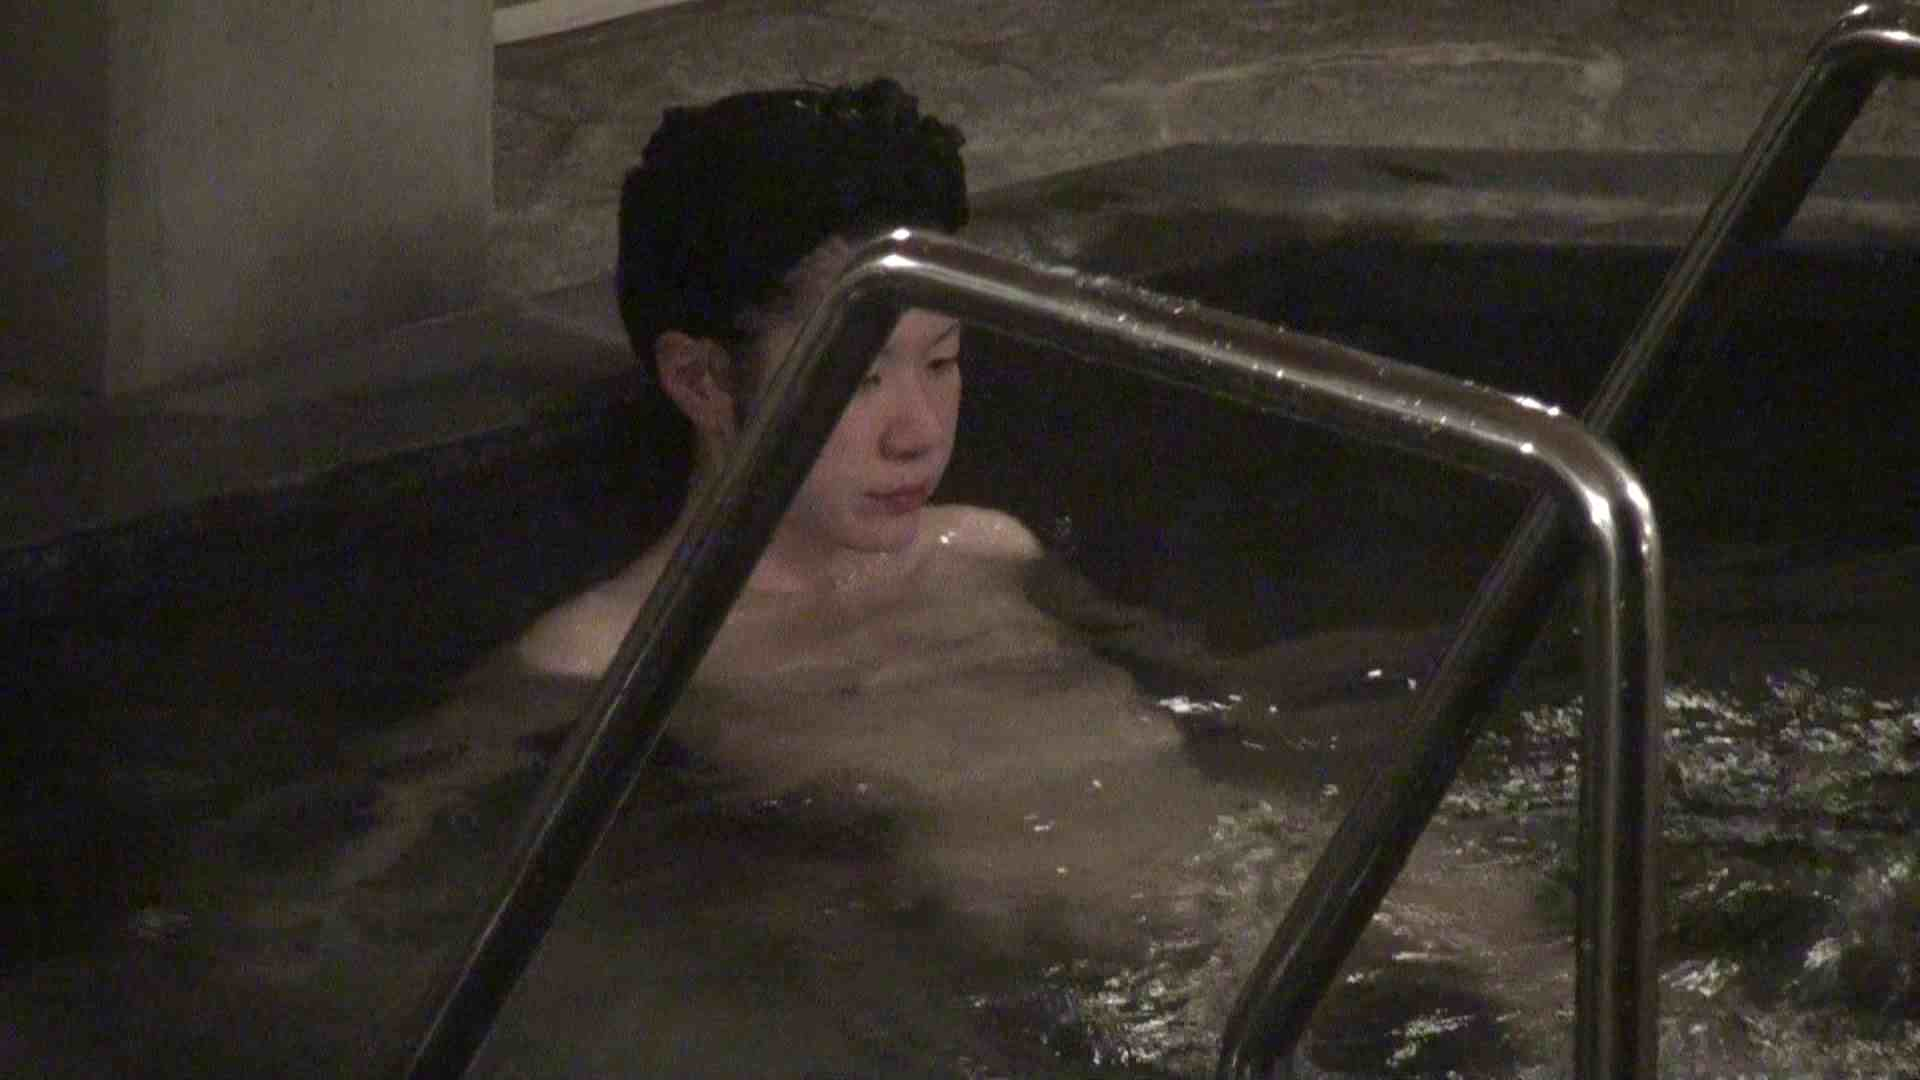 Aquaな露天風呂Vol.425 露天 ヌード画像 105画像 38